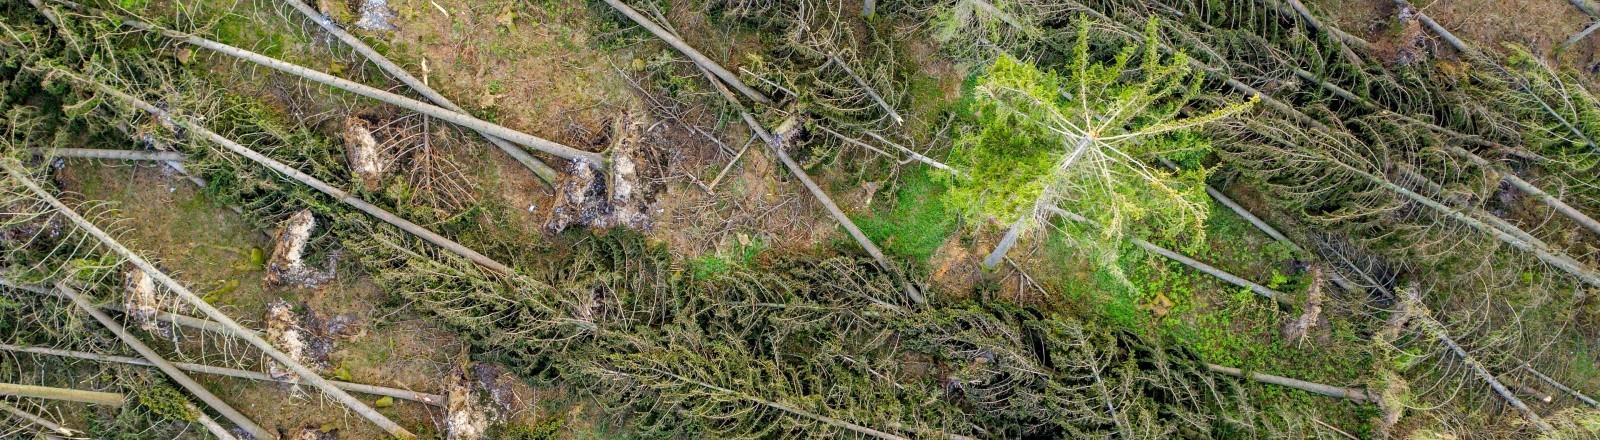 Vogelperspektive auf herausgerissene Bäume nach Sturm